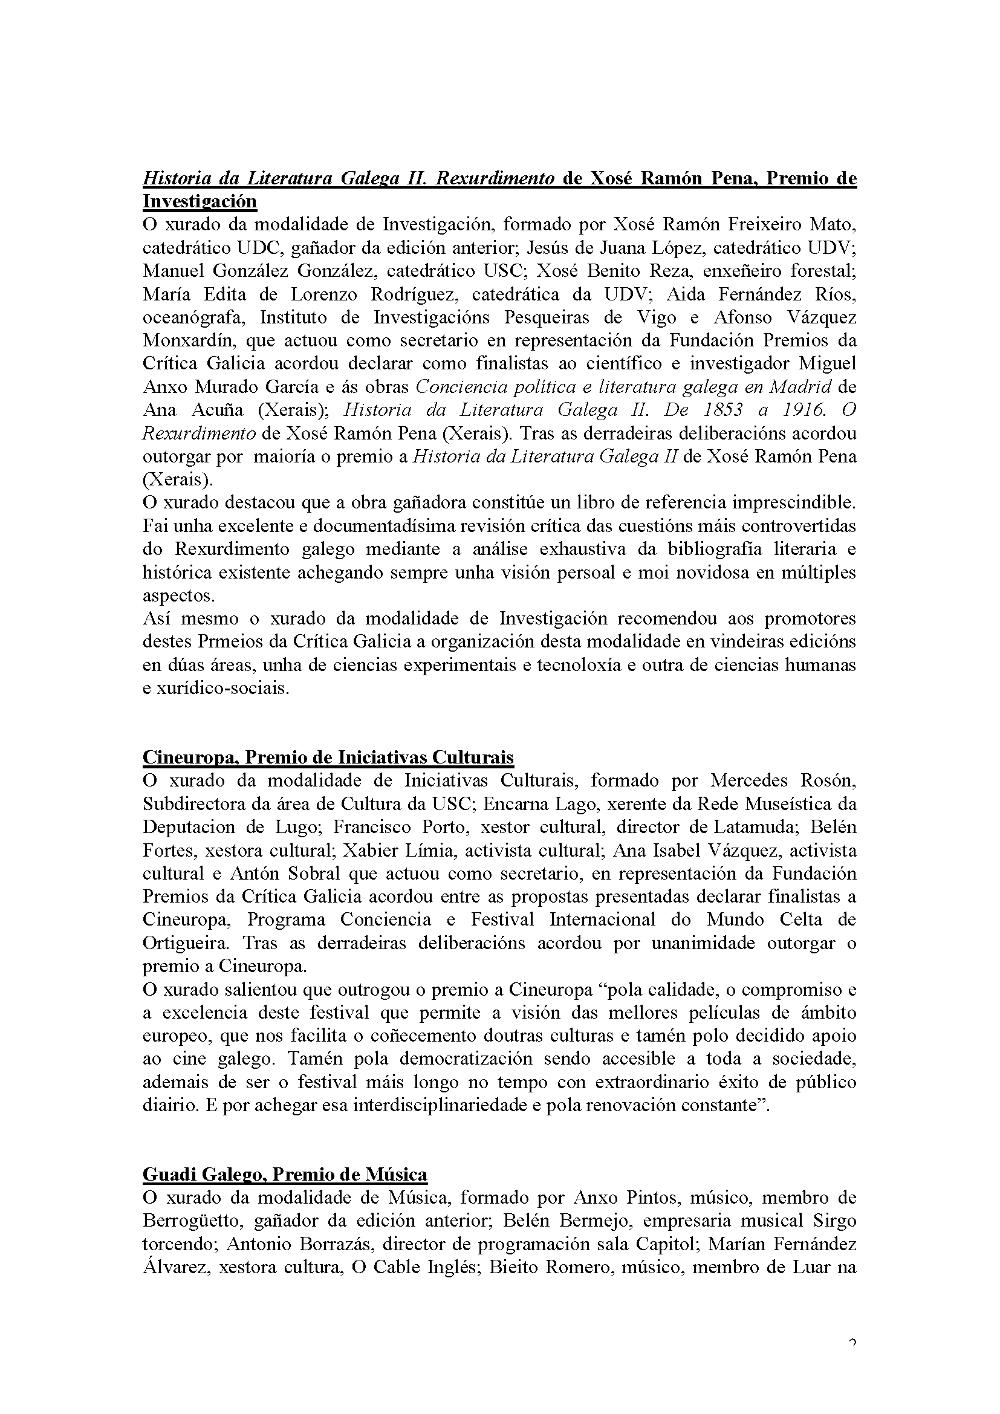 Premios da Crítica Galicia 2015 2